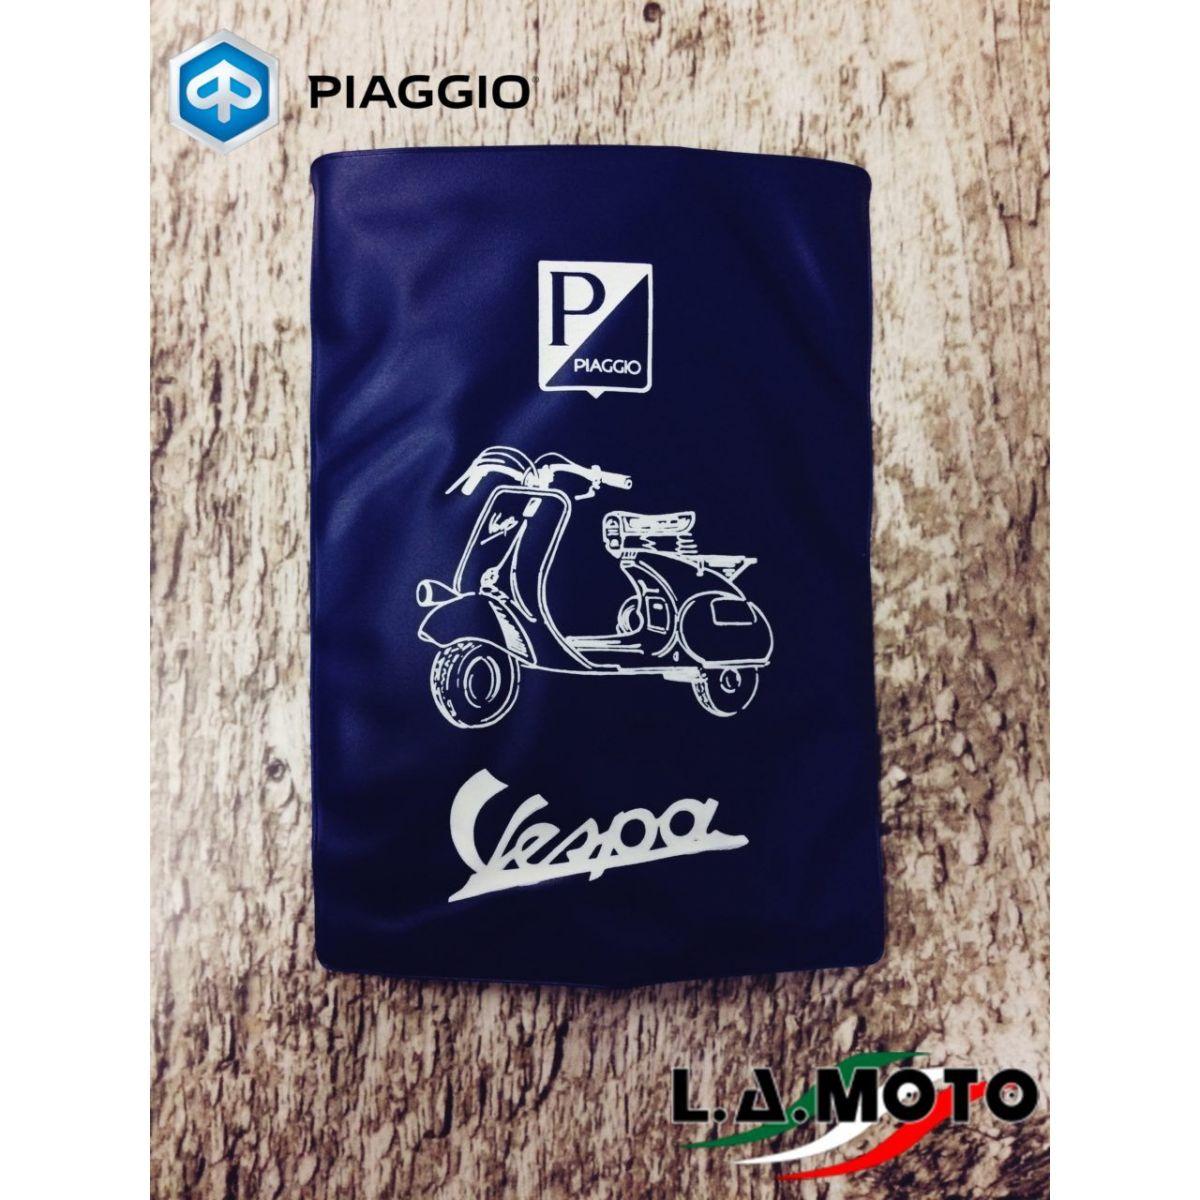 Portadocumenti per VESPA  con logo PIAGGIO originale